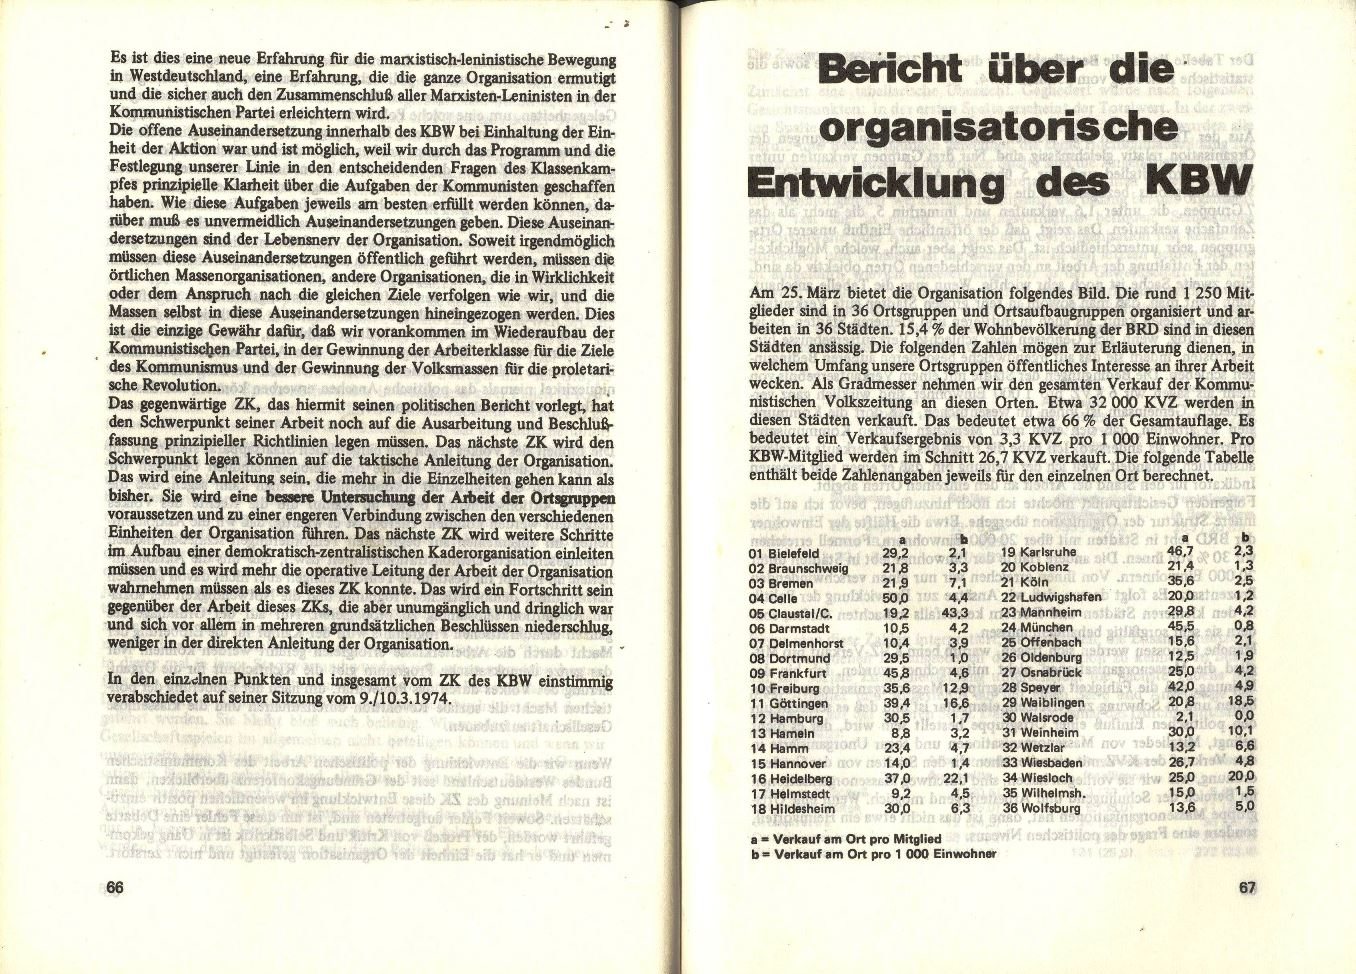 KBW_1974_Politischer_Bericht035